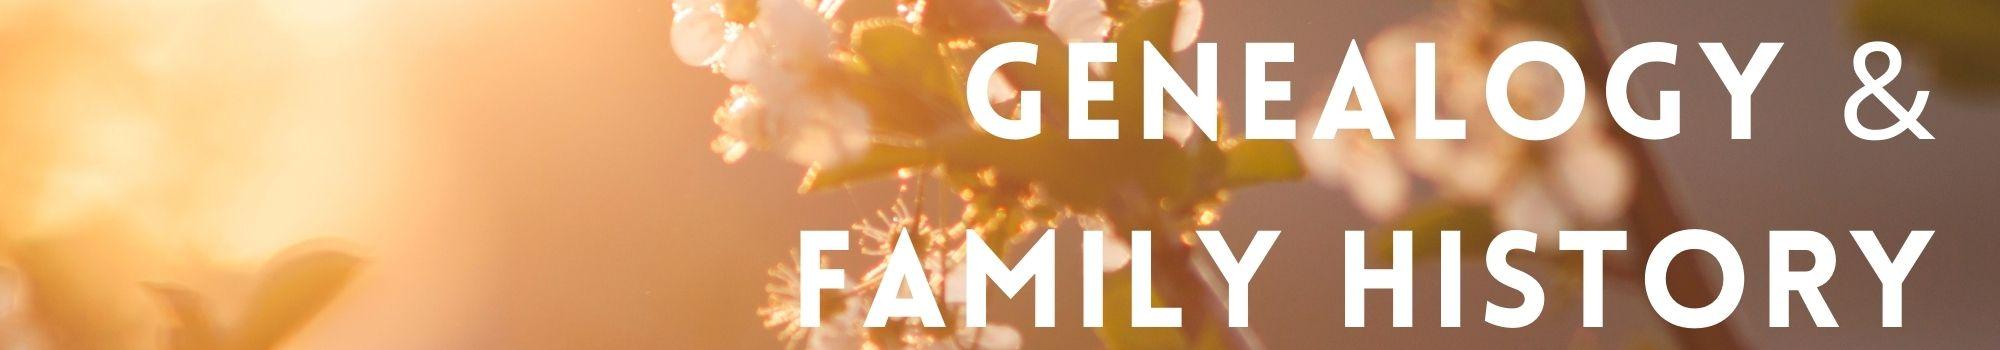 Genealogy and Family History header